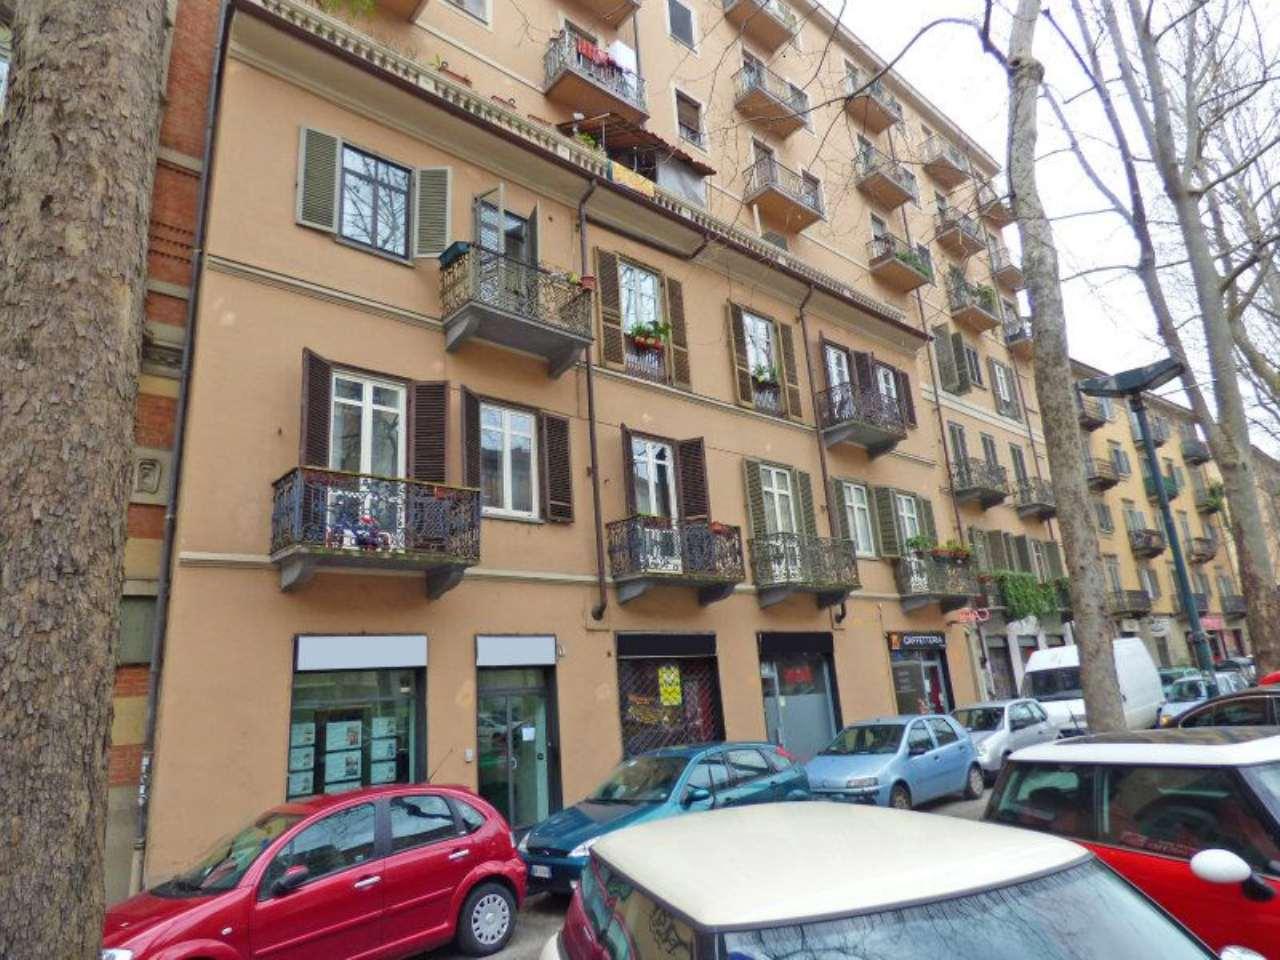 Negozio in vendita Zona Cit Turin, San Donato, Campidoglio - corso Francia Torino